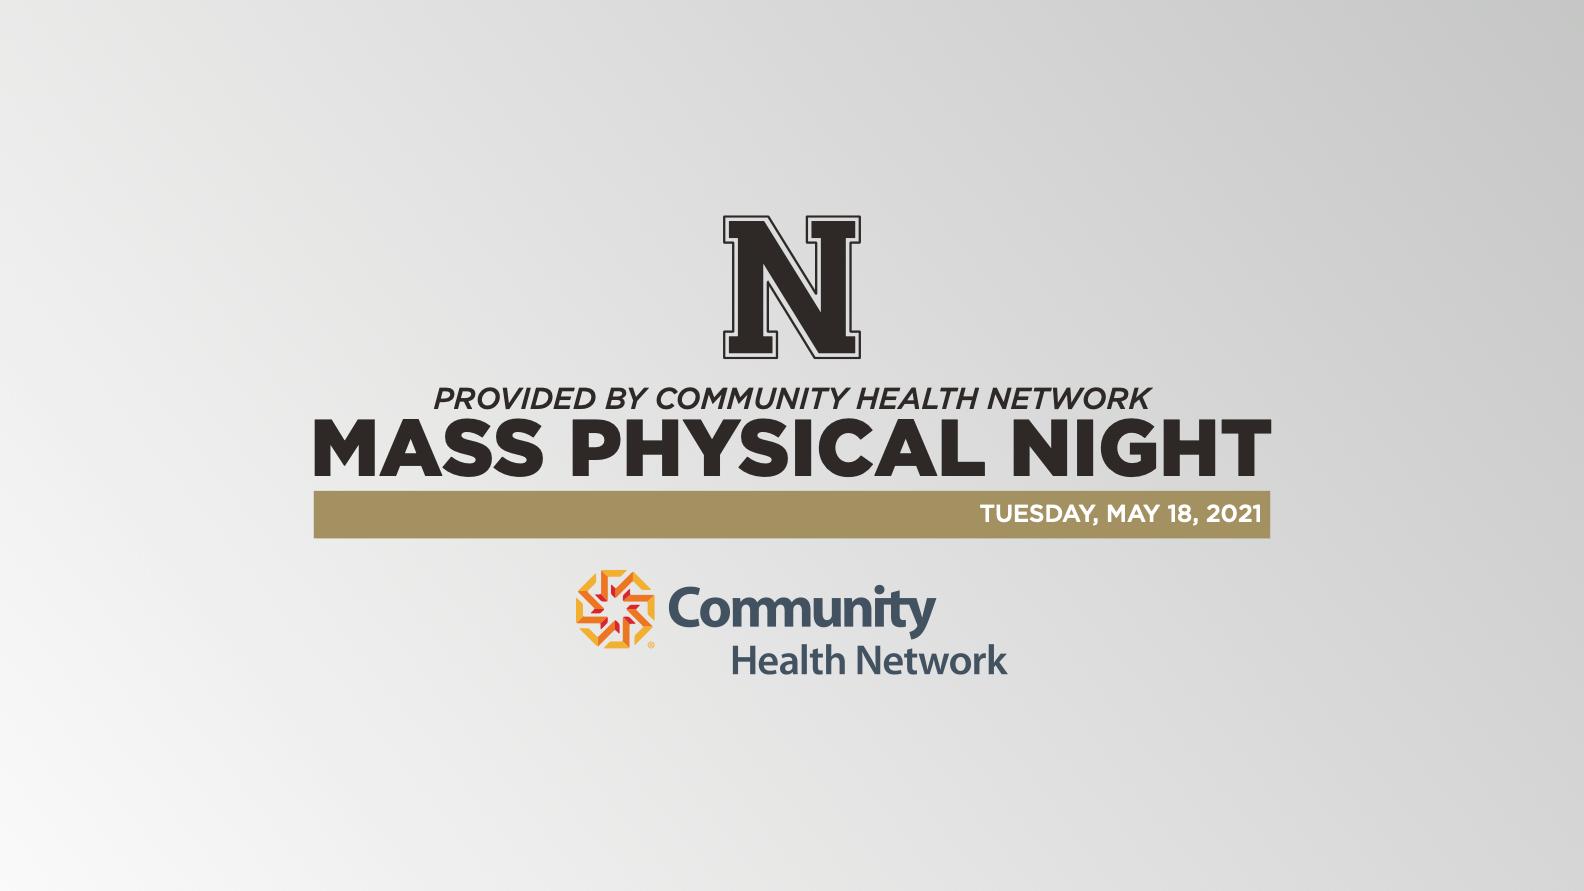 2021 NHS Mass Physical Night